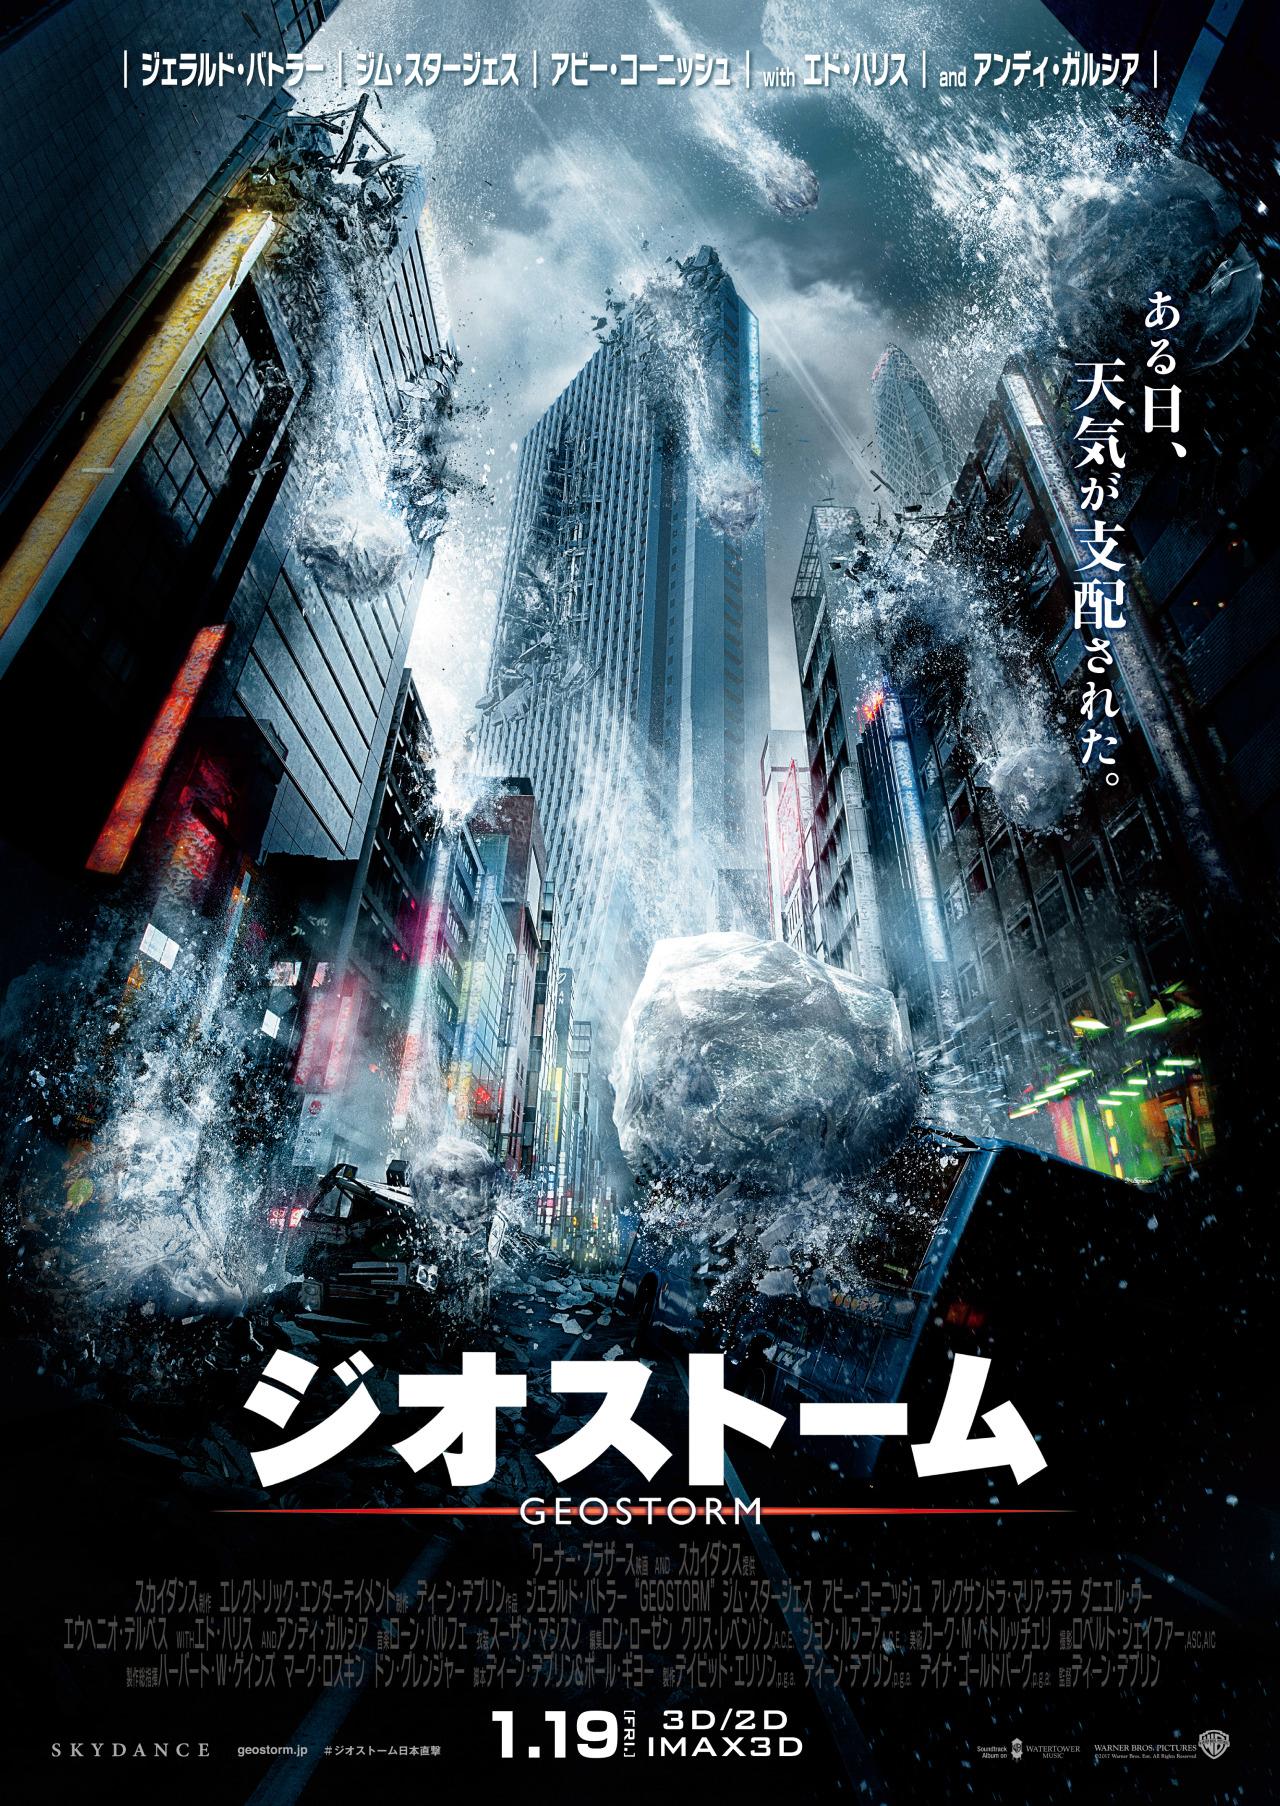 映画「ジオストーム」あらすじキャスト見所解説!評価があまり良くない・・・?